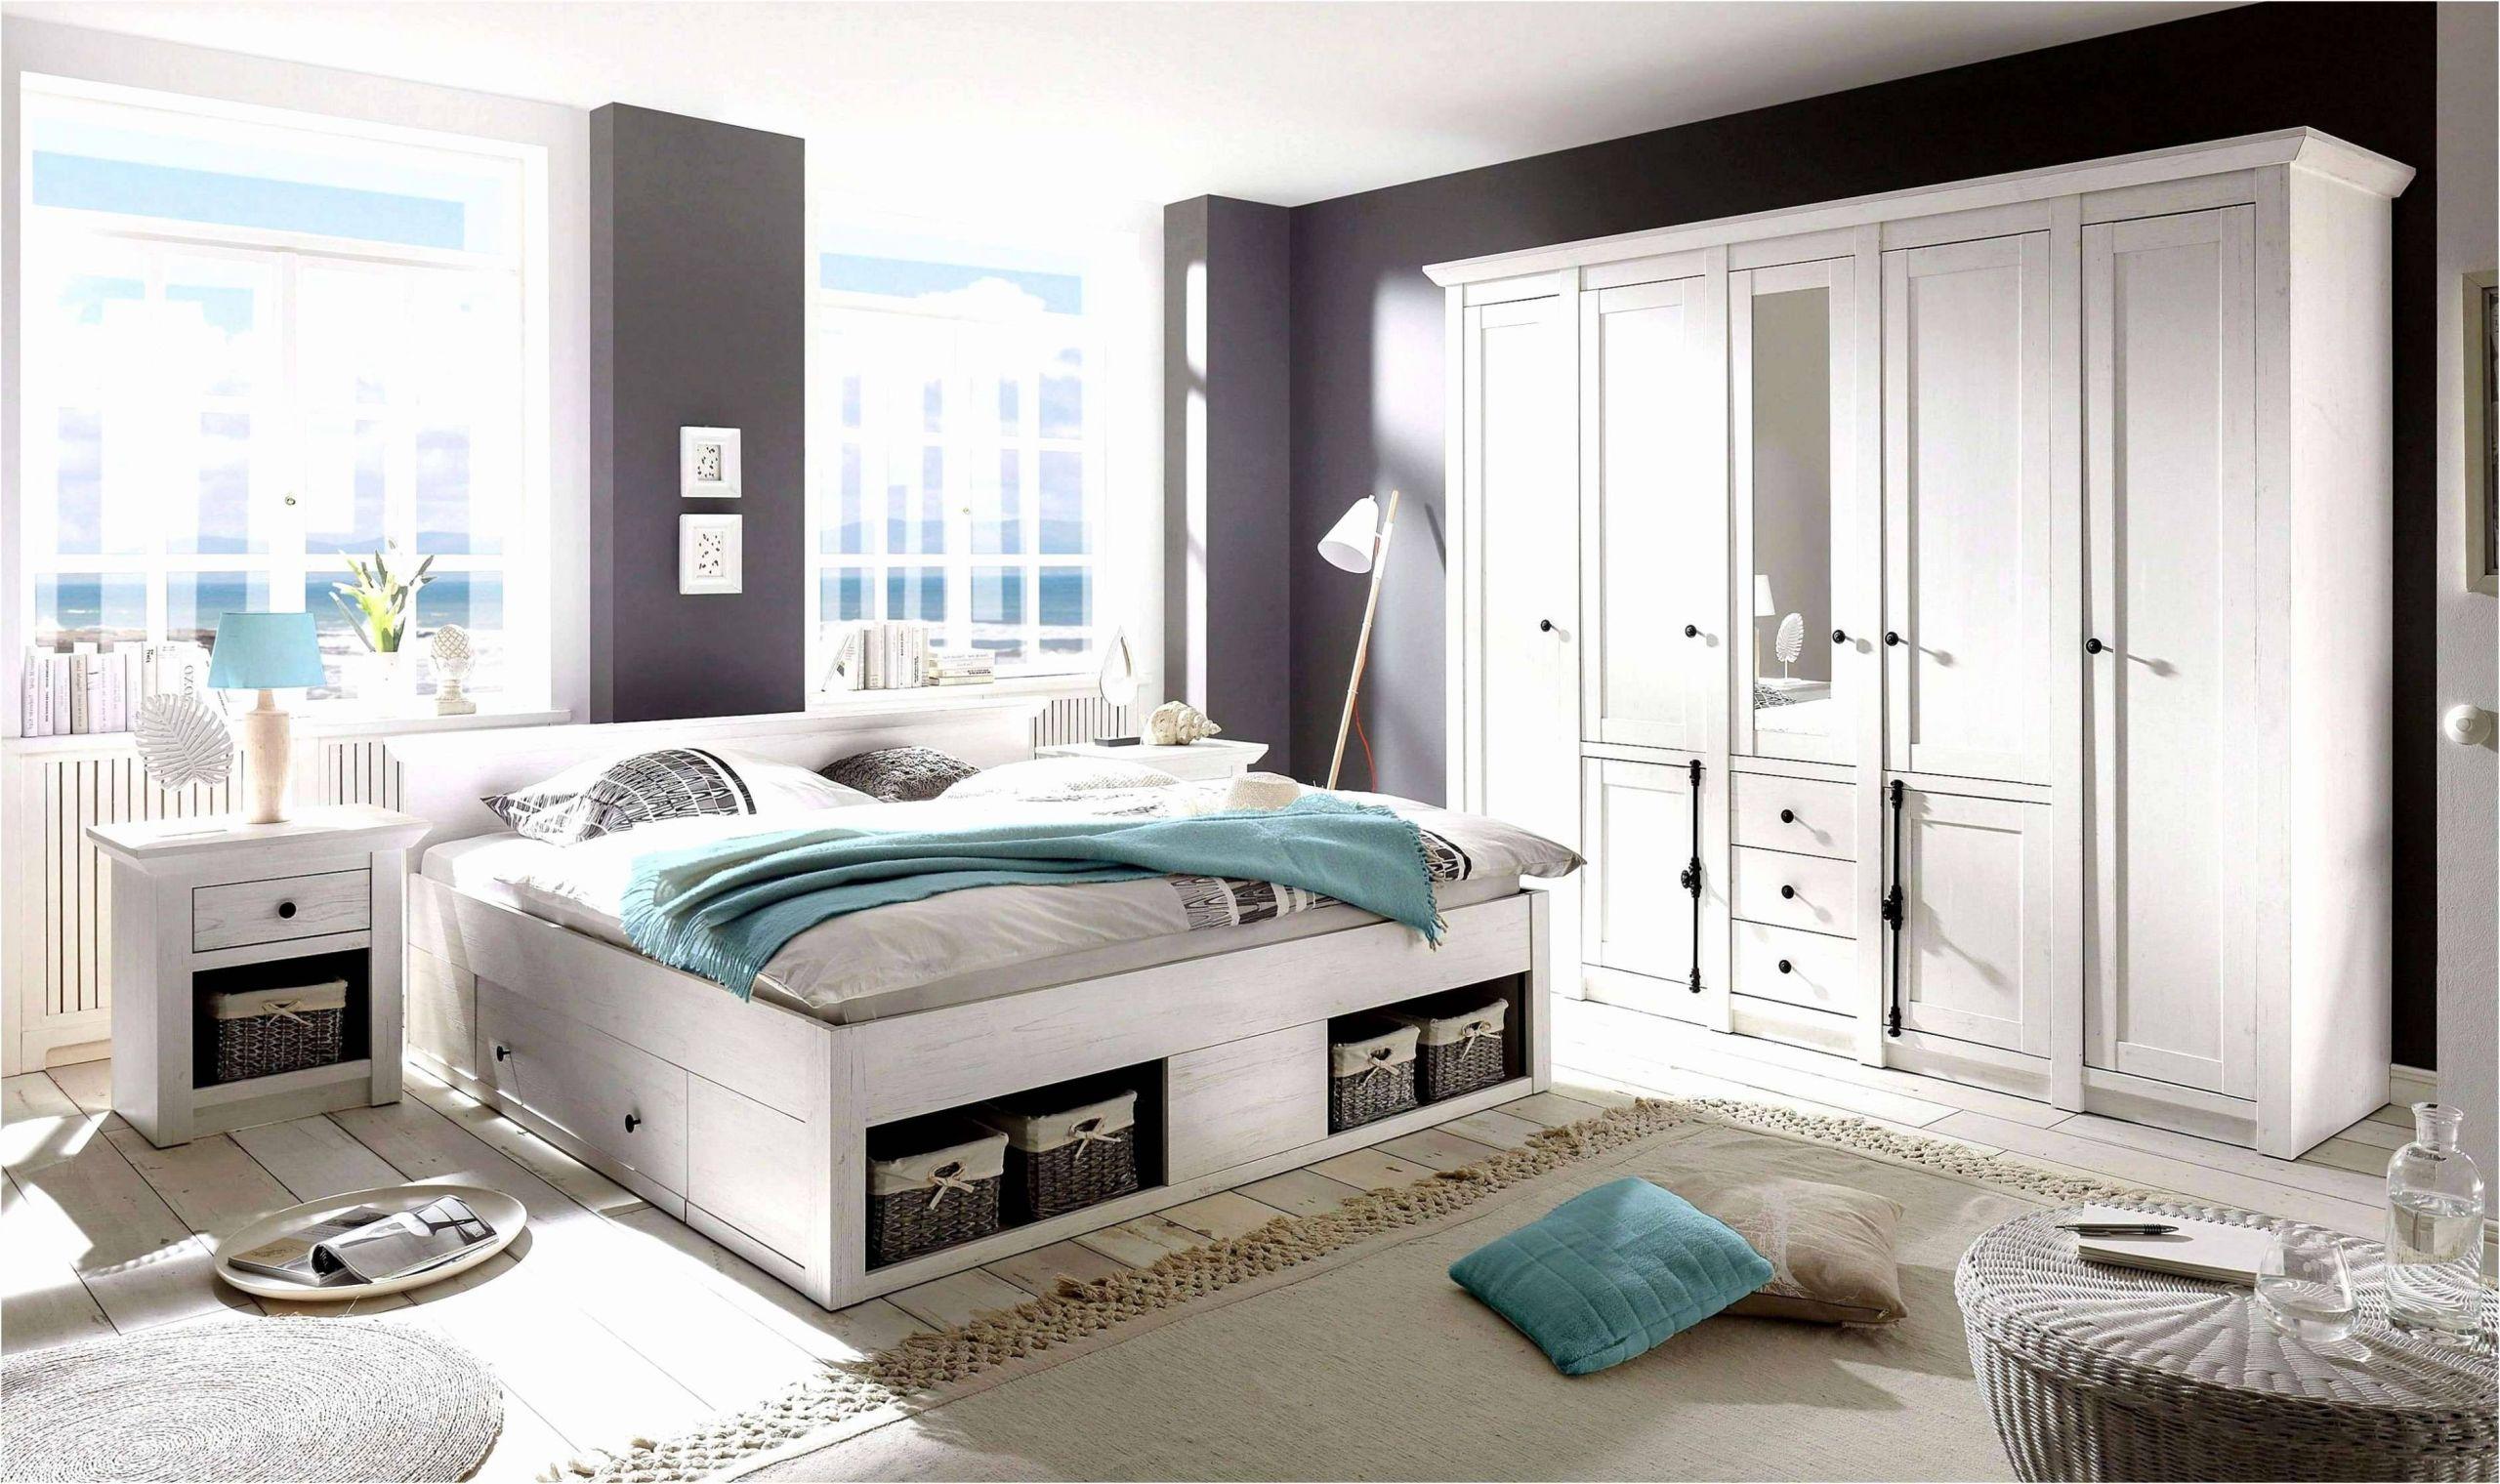 deko fur wohnzimmer ideen einzigartig wohnzimmer bilder ideen of deko fur wohnzimmer ideen